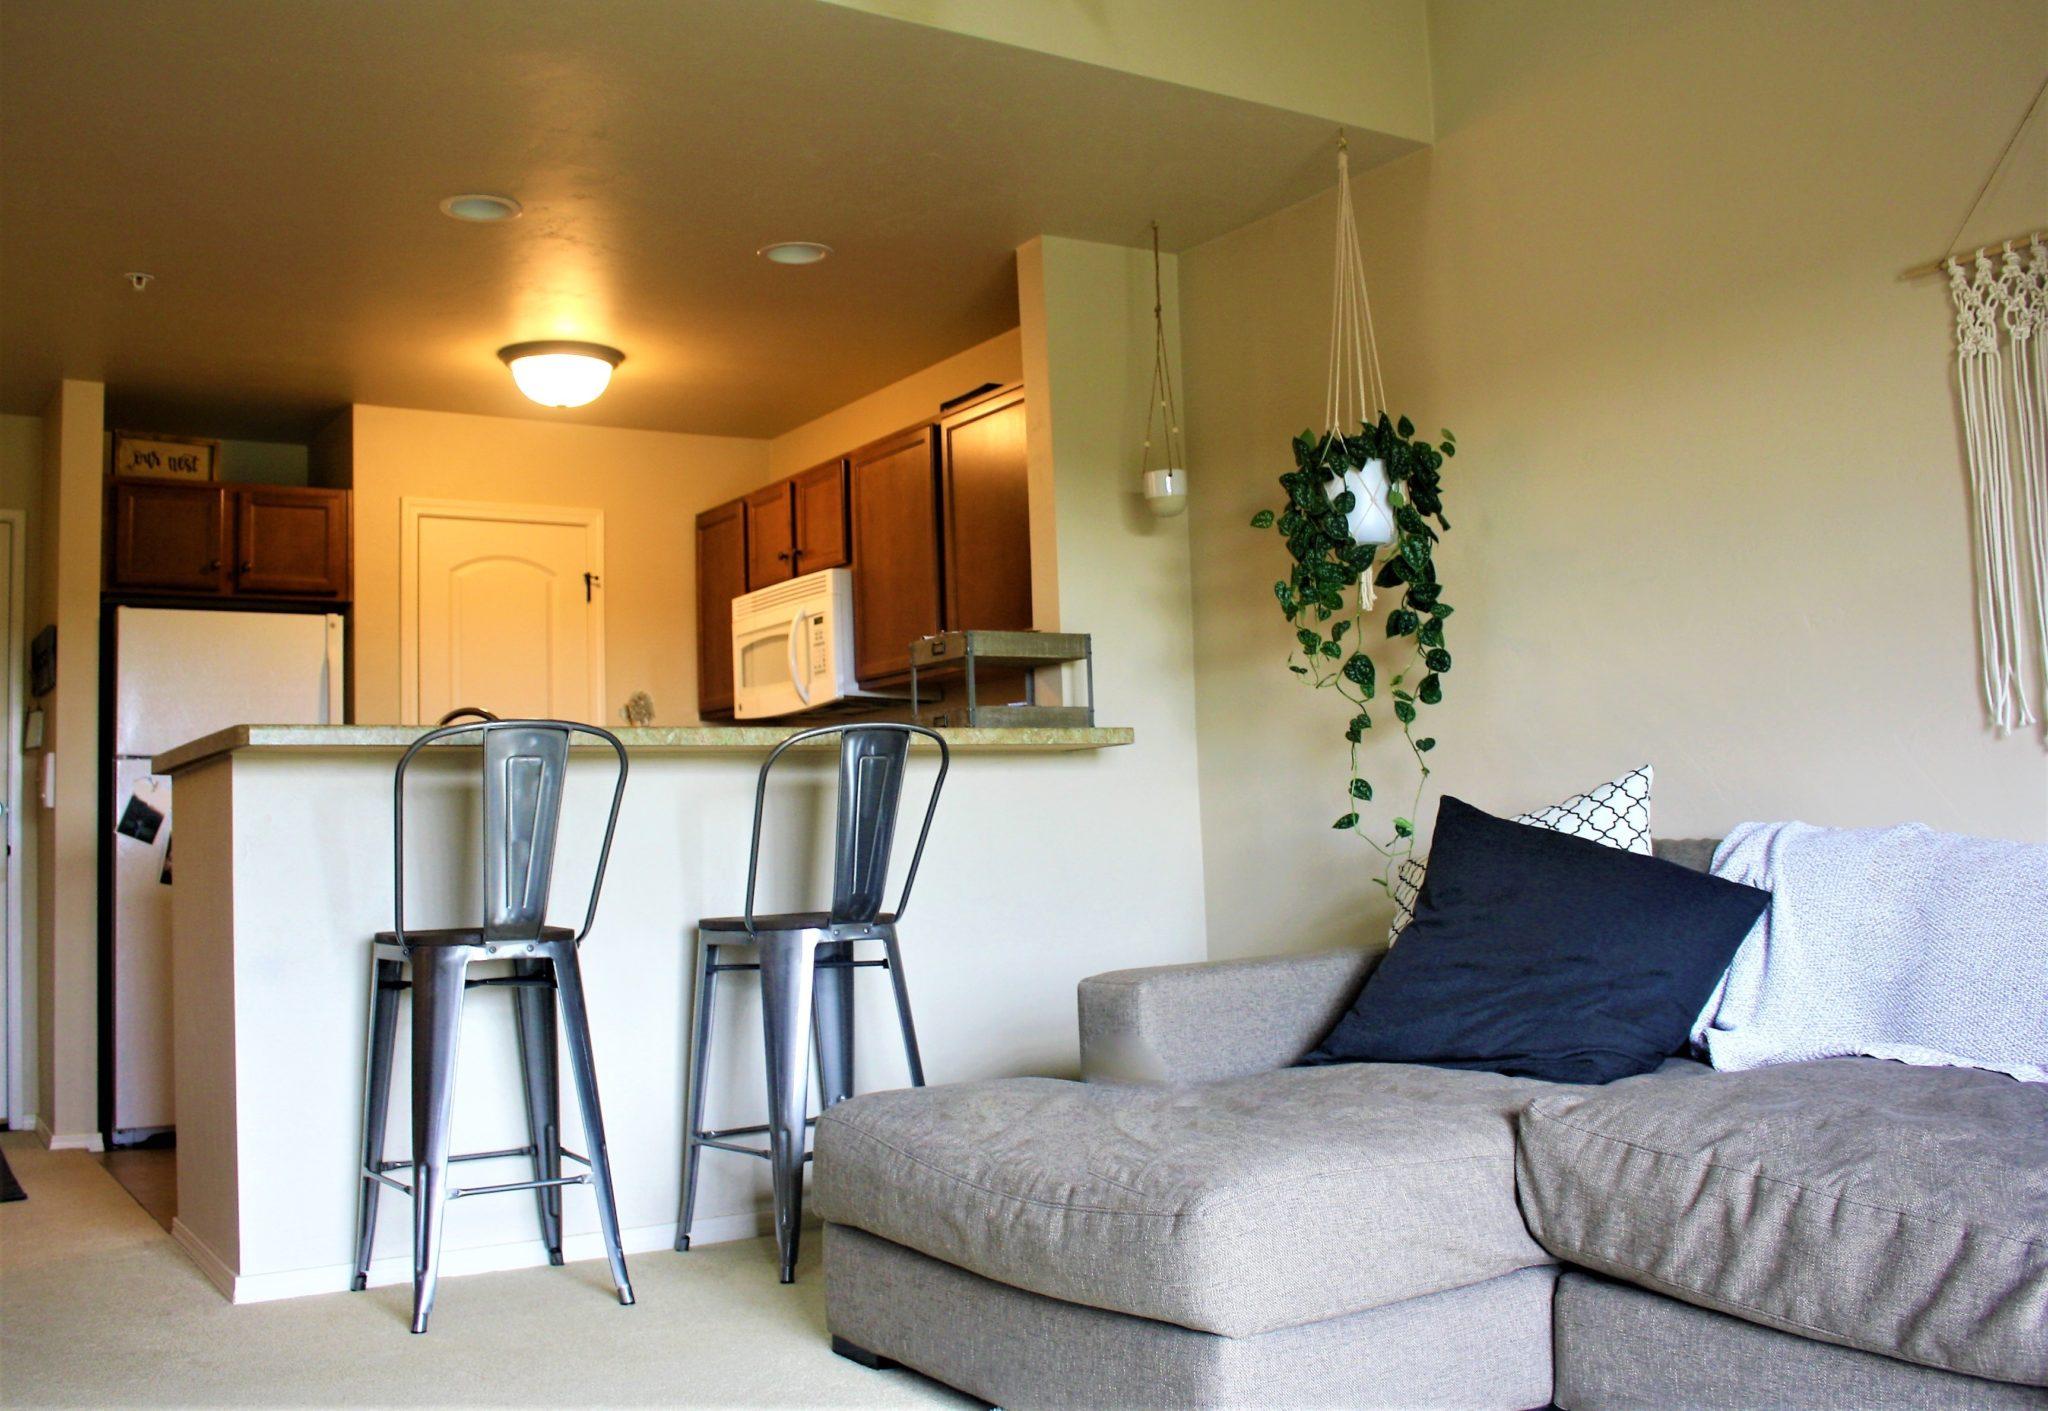 1 bedroom Loft - Open Concept Living